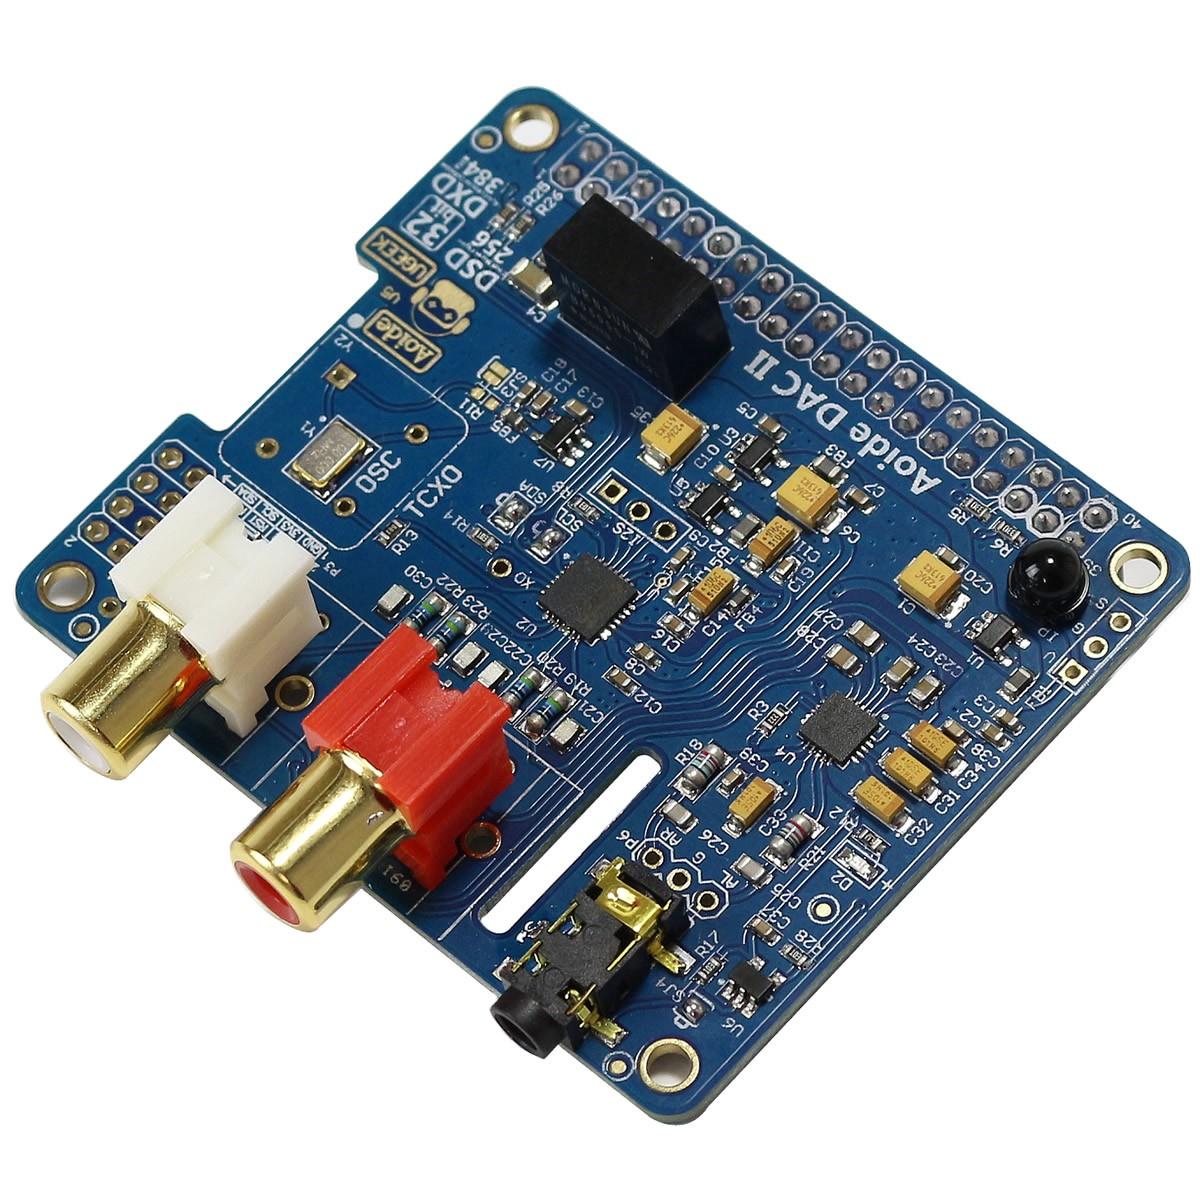 AOIDE DAC II ESS ES9018K2M Module DAC I2S 32bit 384khz DSD Raspberry Pi 3 / A+ B+ / Pi 2 / I2S